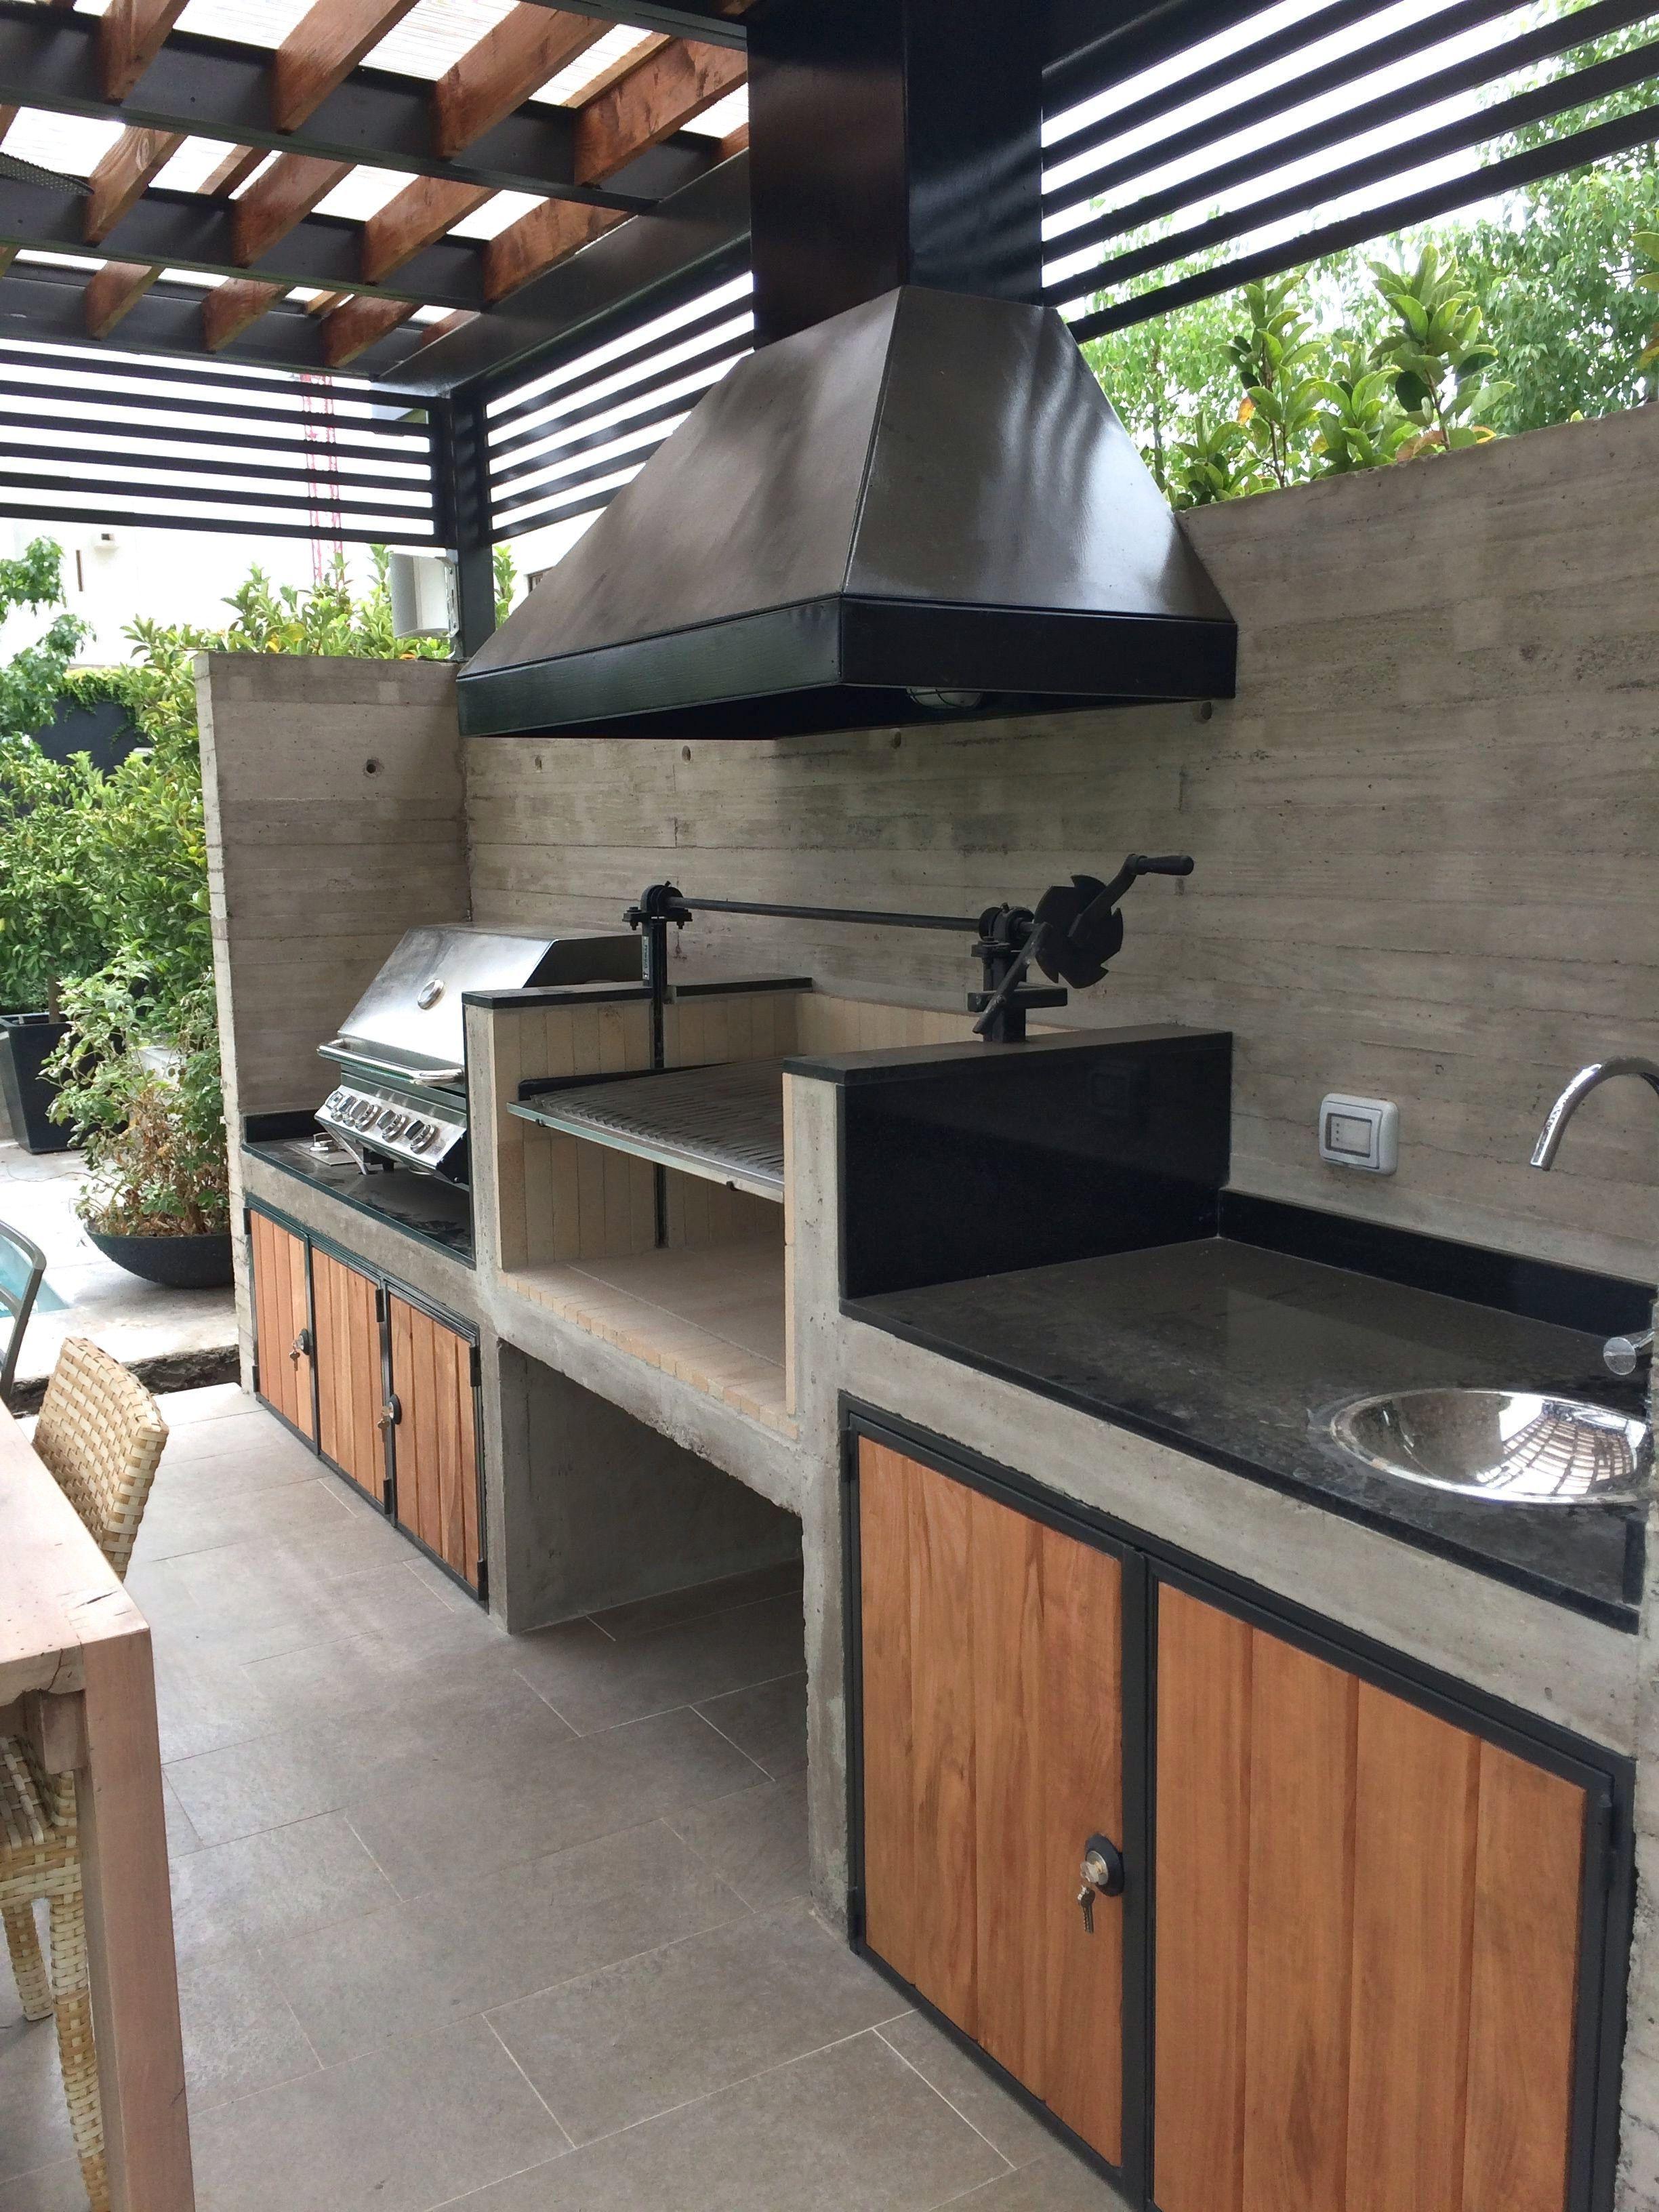 interior summer kitchen ideas summerkitchenideas in 2020 small outdoor kitchens outdoor on outdoor kitchen plans layout id=33613